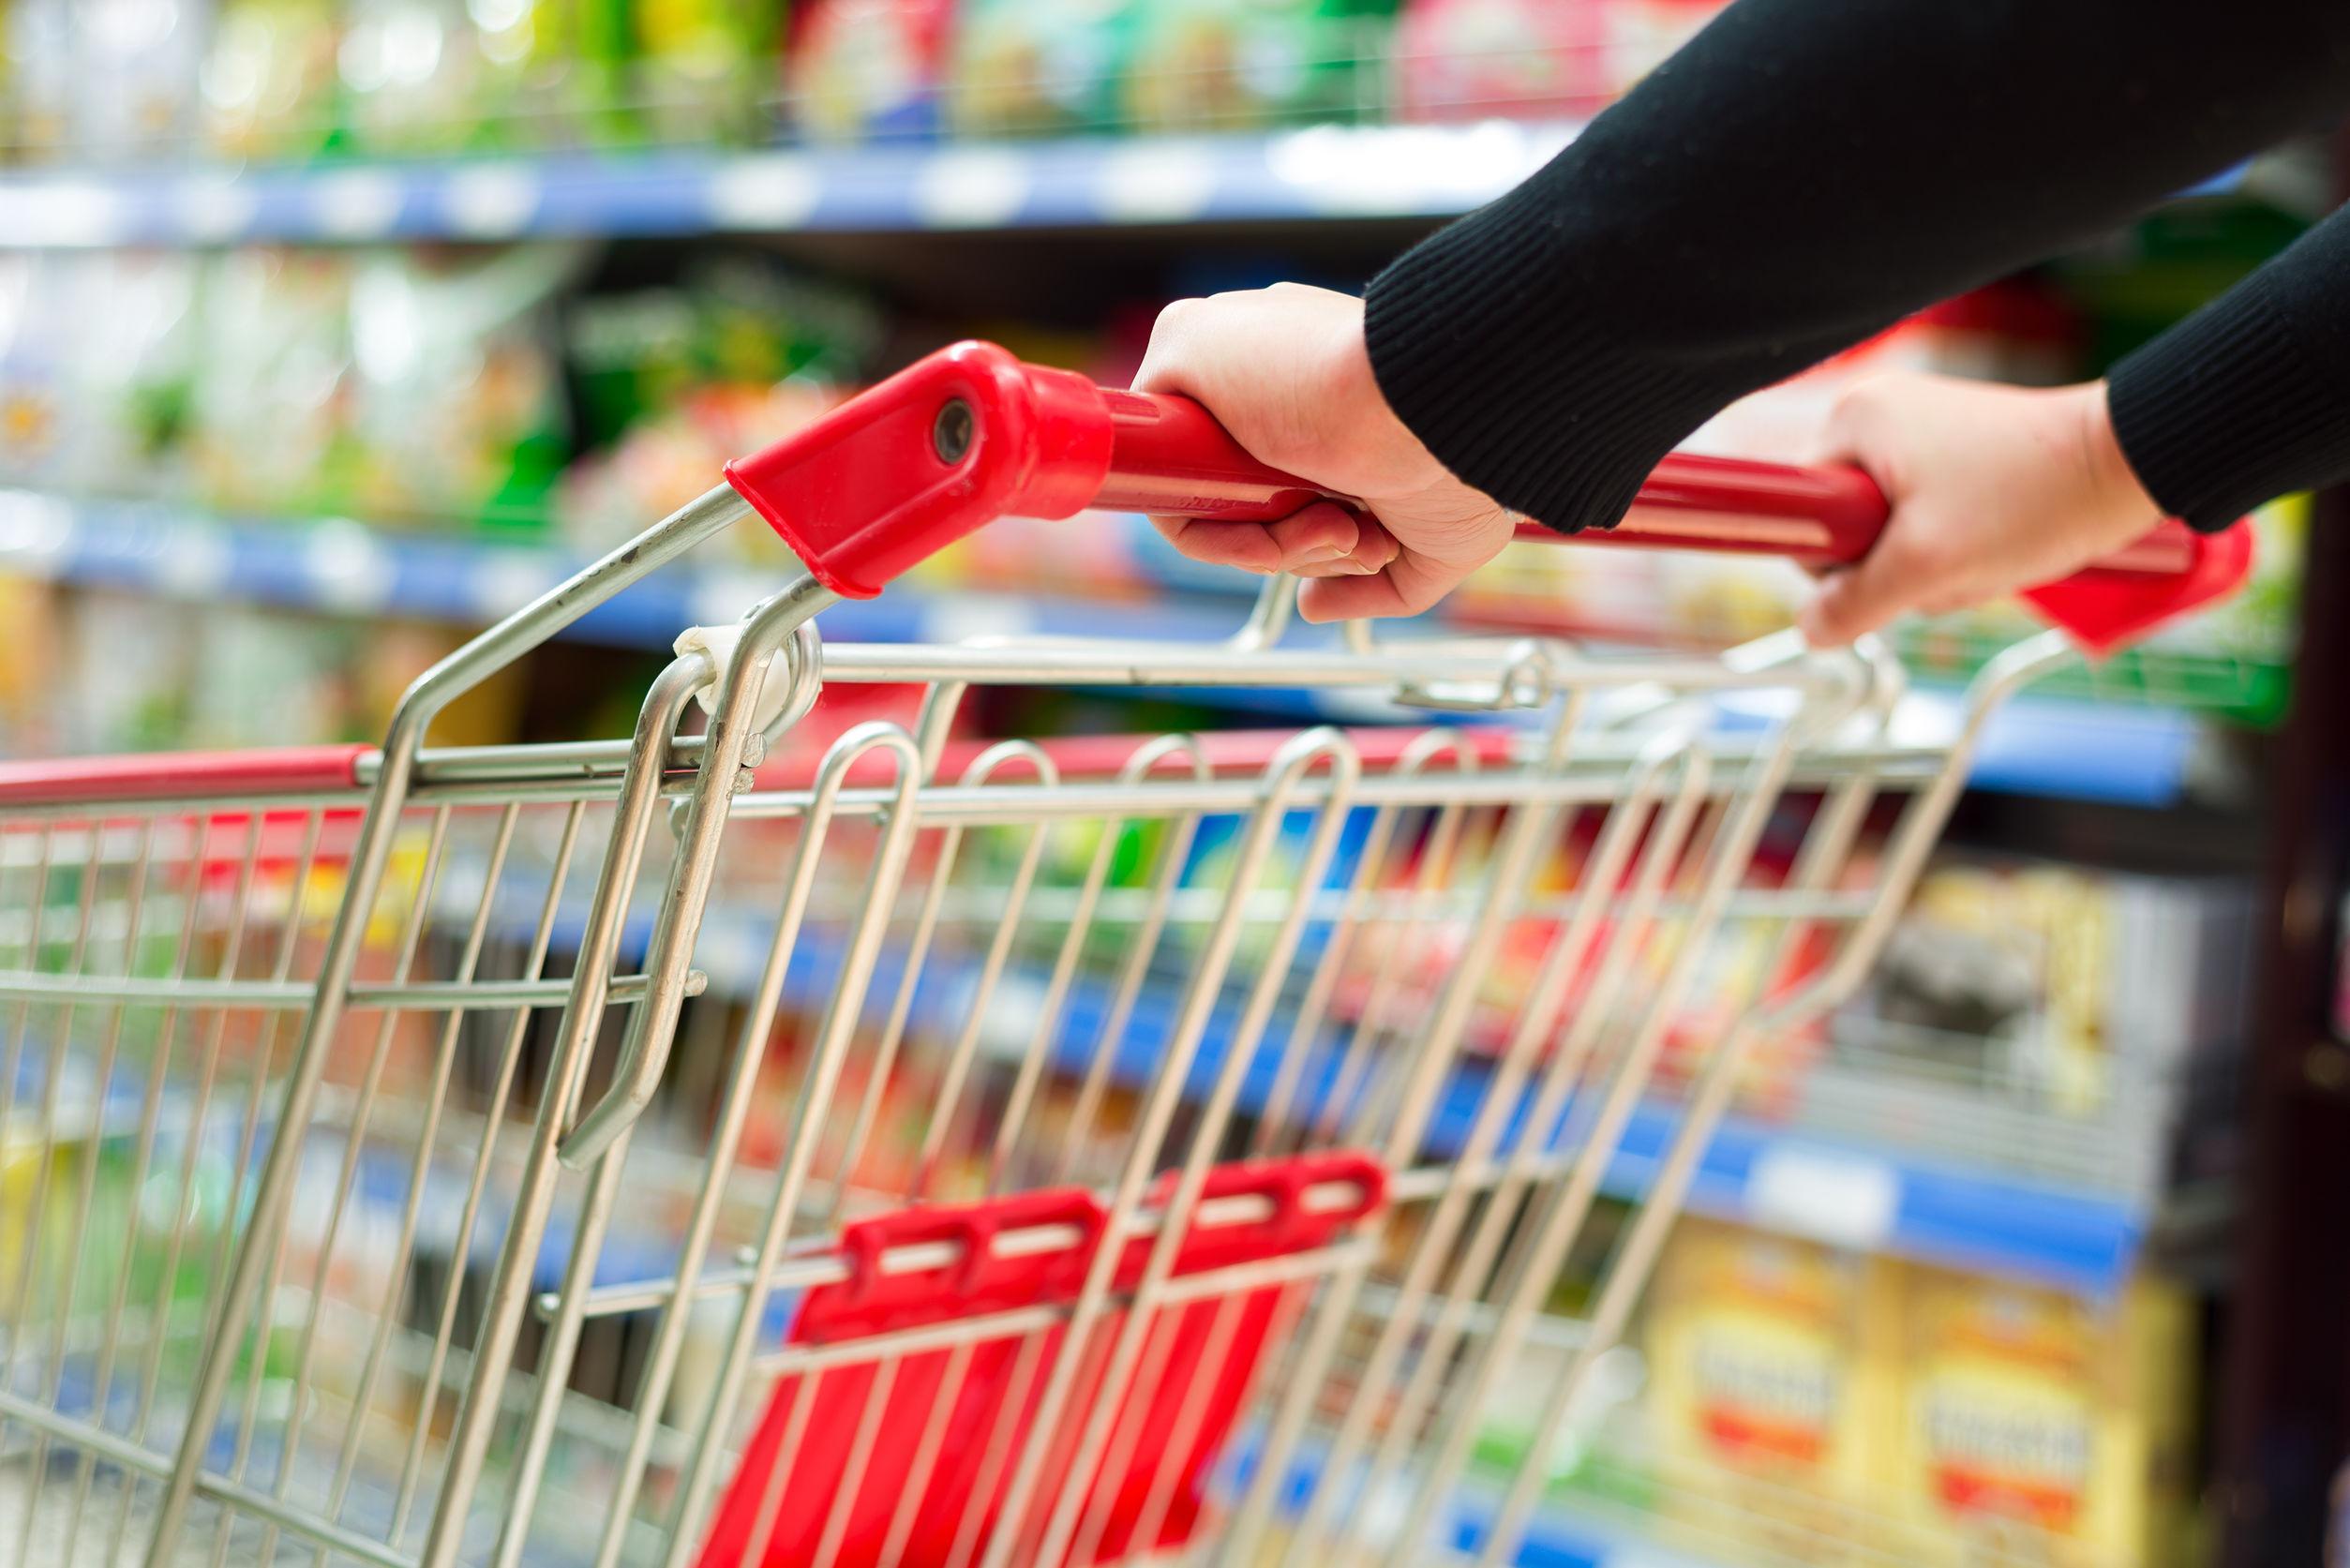 Consumul faţă-n faţă cu valul 4 al pandemiei: ce se va întâmpla cu cea mai importantă ramură a economiei româneşti în(...)